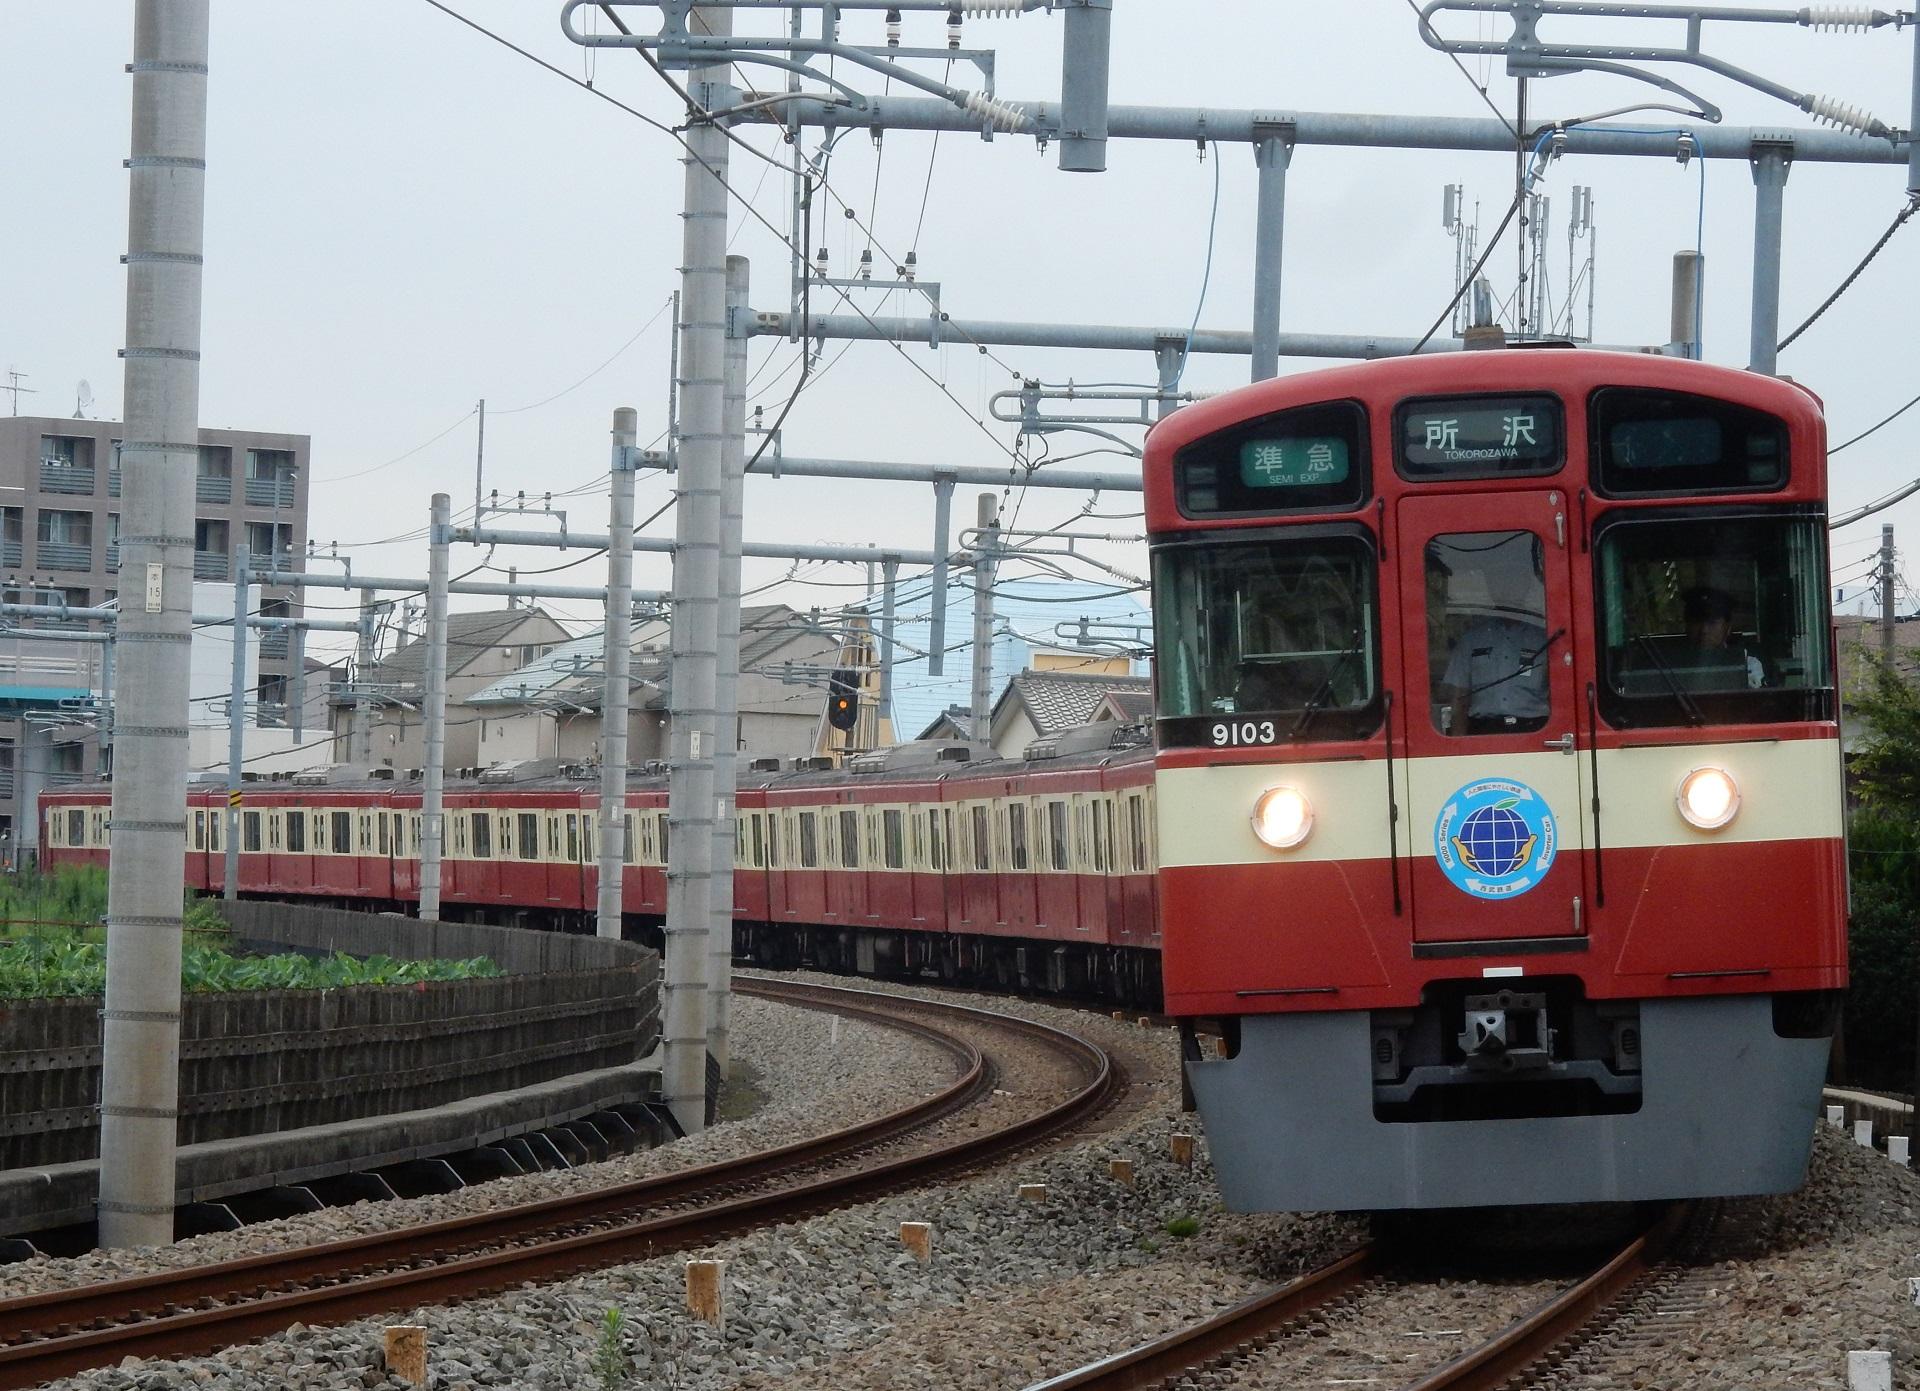 DSCN2739 - コピー